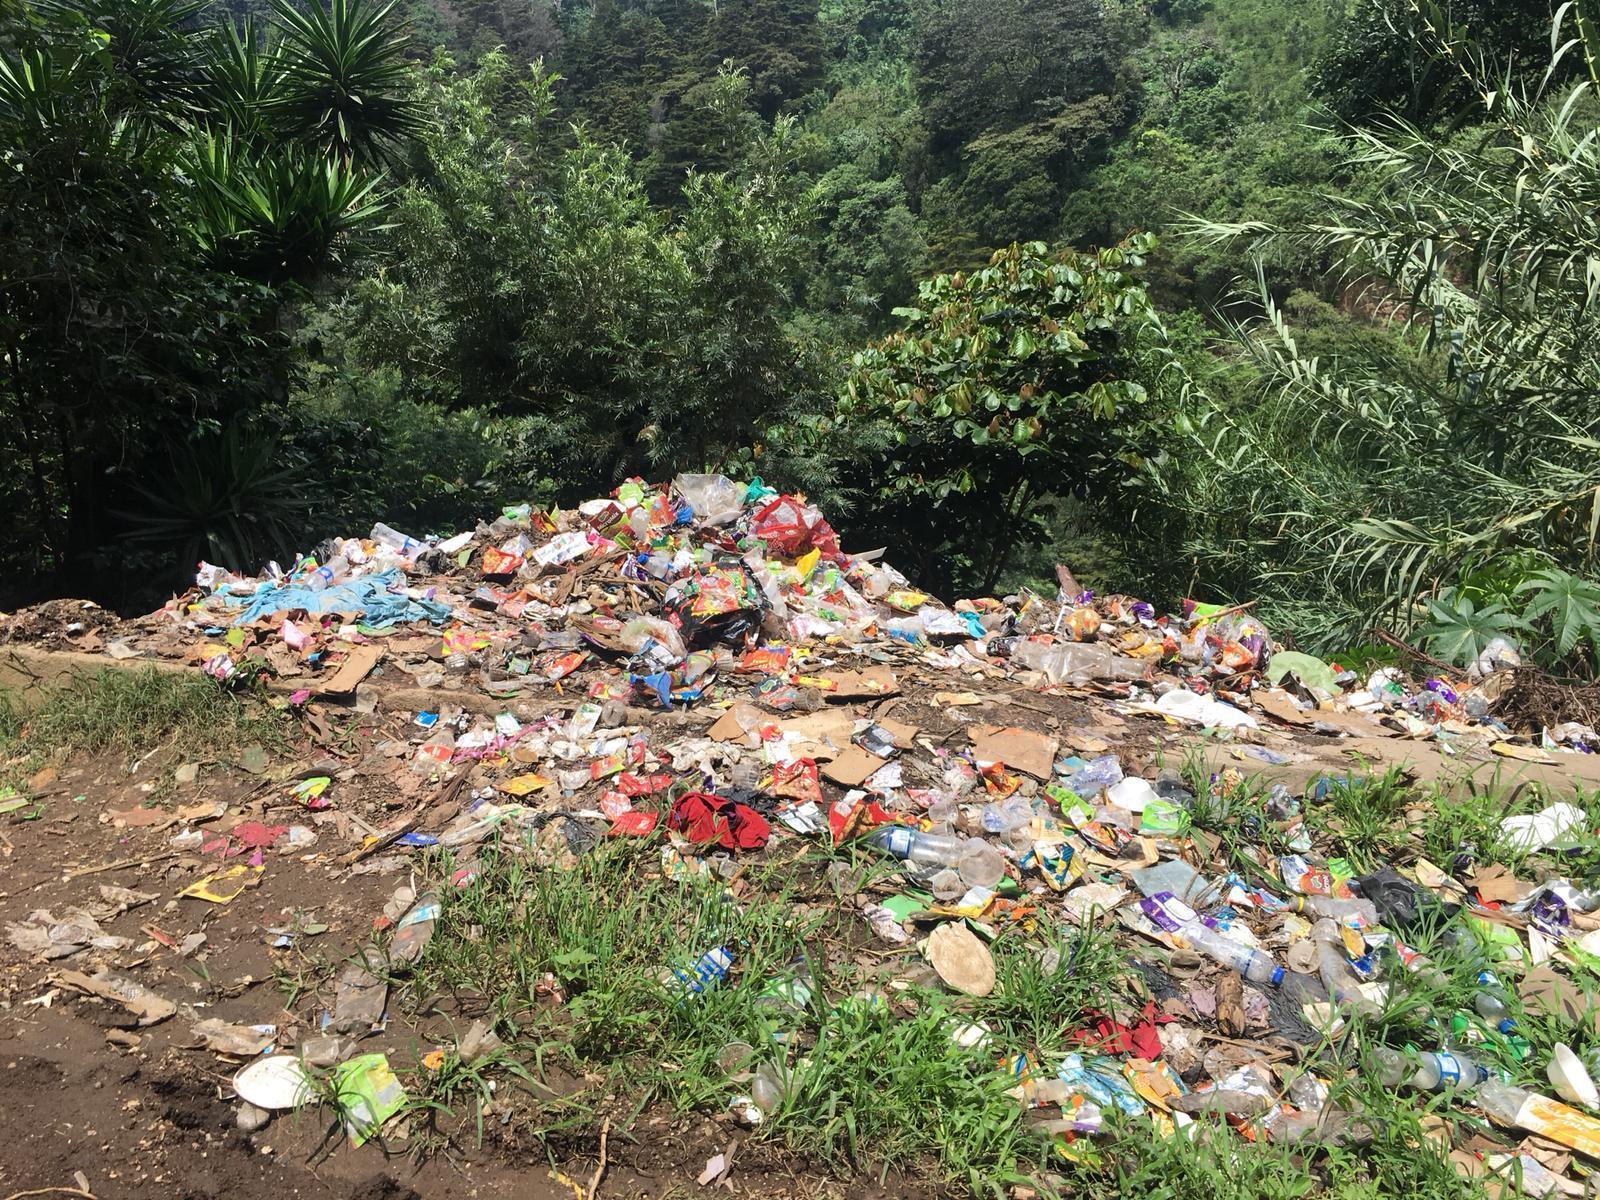 W Gwatemali śmieci trafiają do rzek, na wysypiska, które są ogromnymi hałdami trujących odpadów, lub są palone.